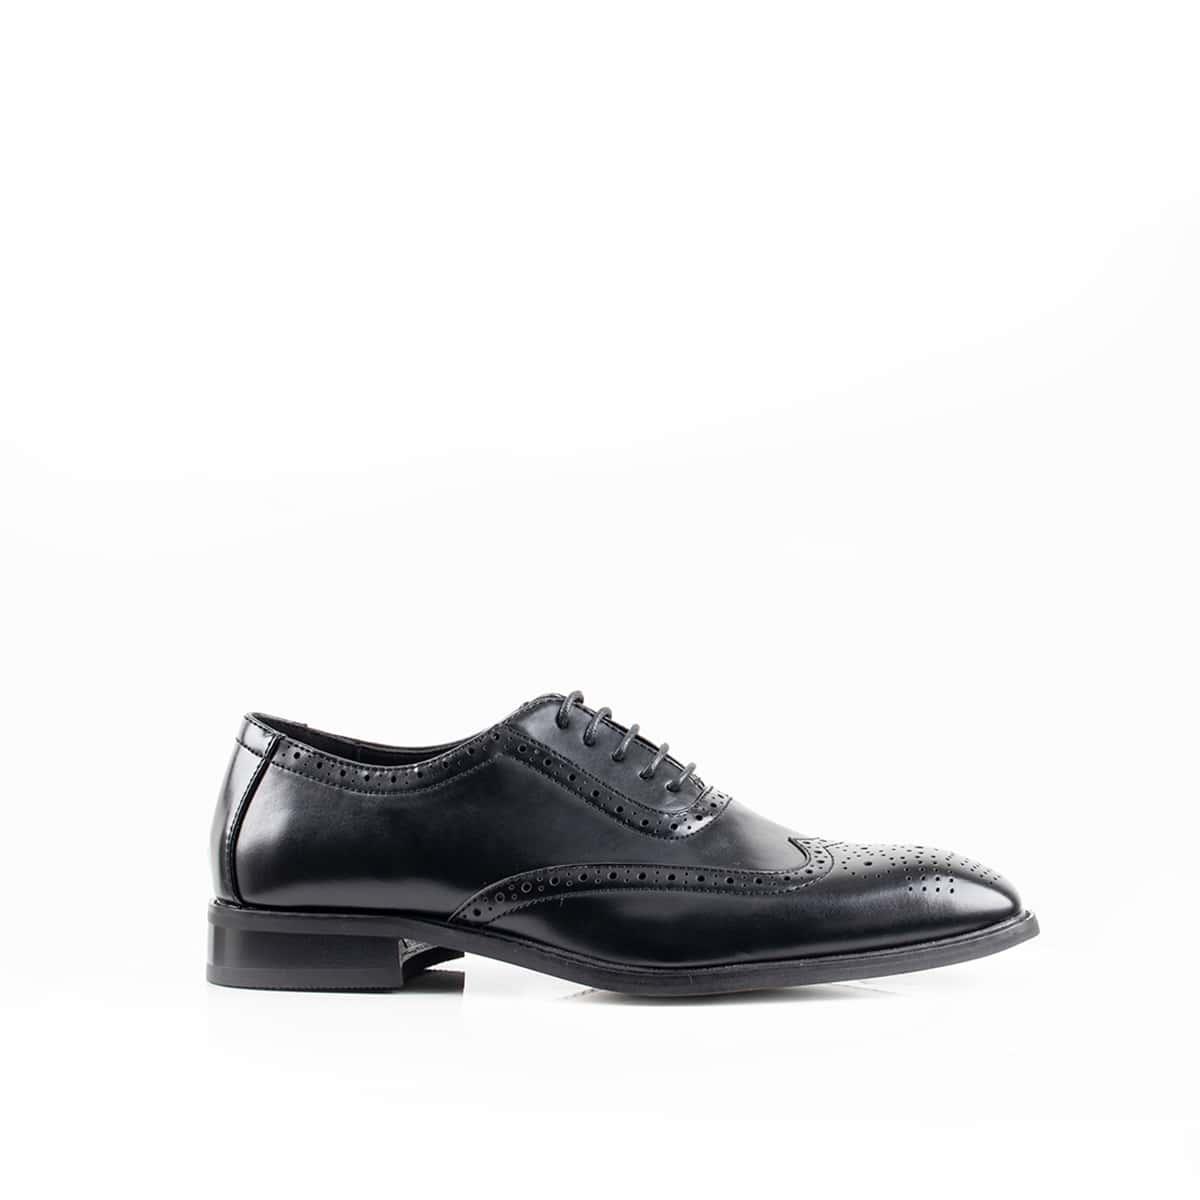 Мужские официальные туфли